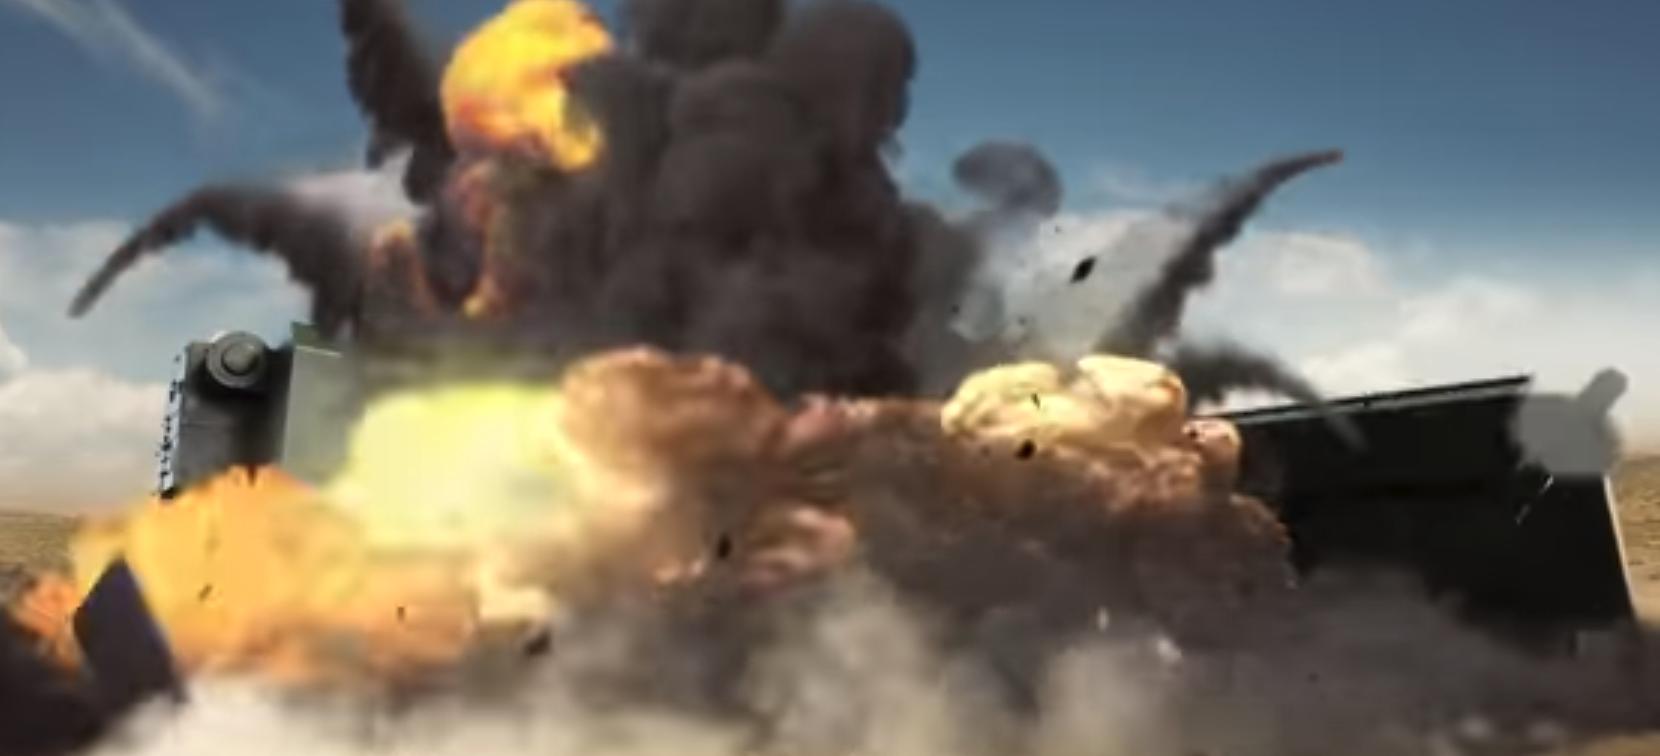 Дрон взрывает бронетехнику на испытаниях